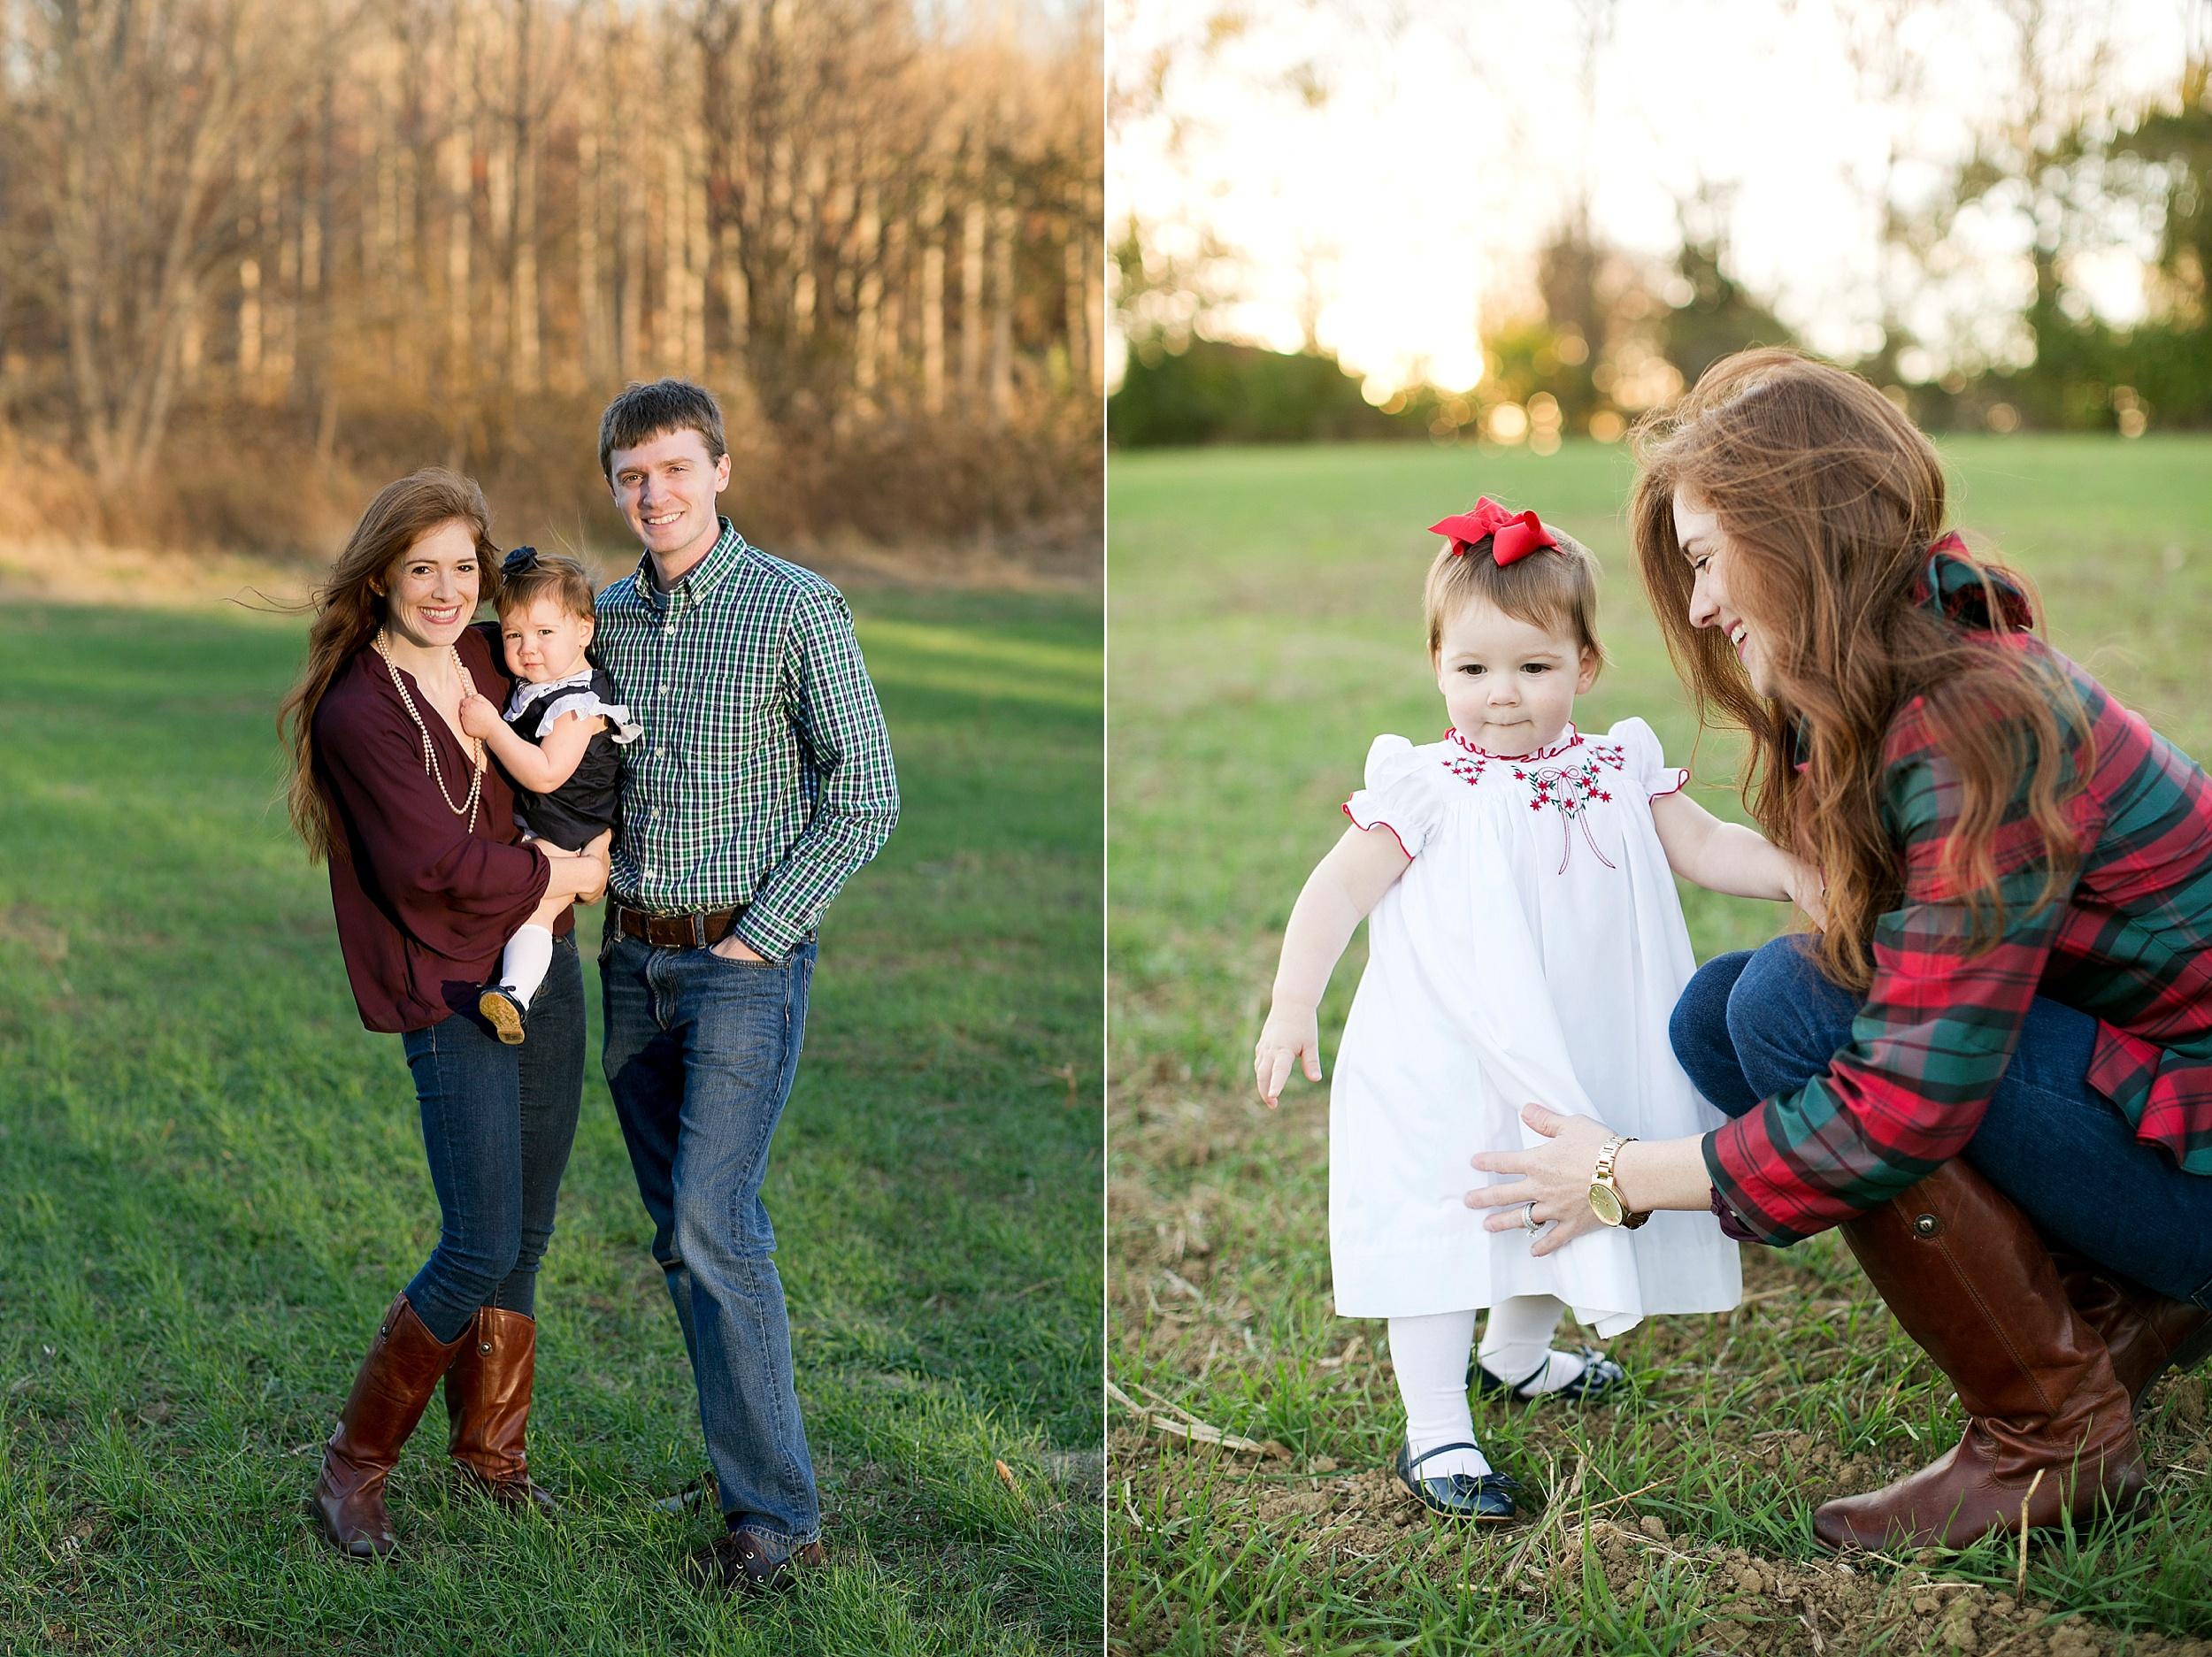 19-little-girl-christmas-smocking-family-picture.jpg